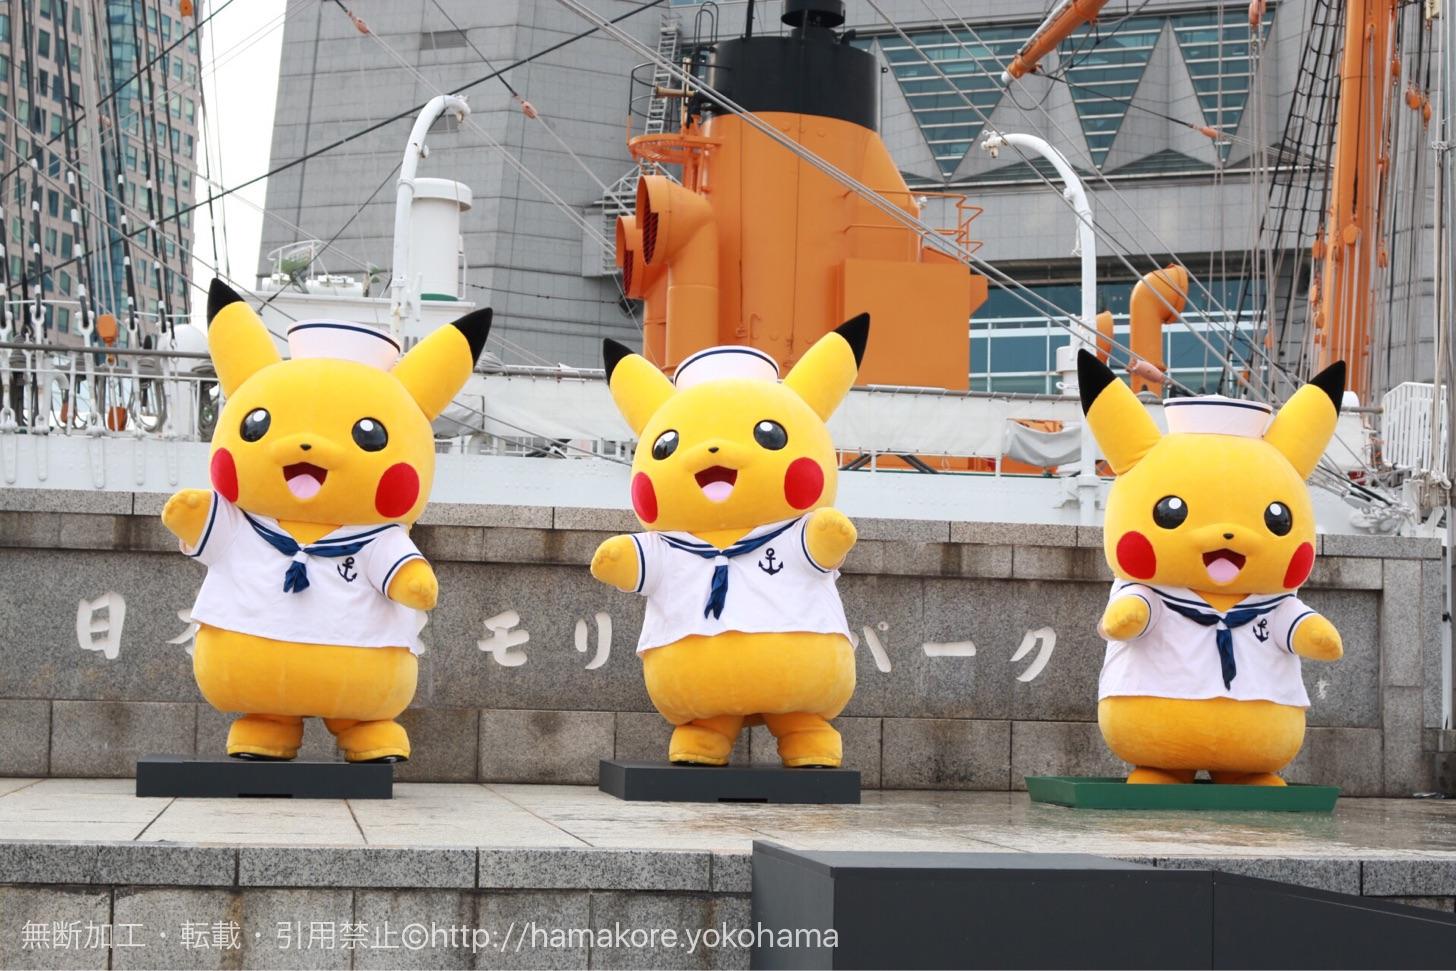 船長ピカチュウ可愛い!ピカチュウ・ストンプショーが日本丸メモリアルパークで開催中